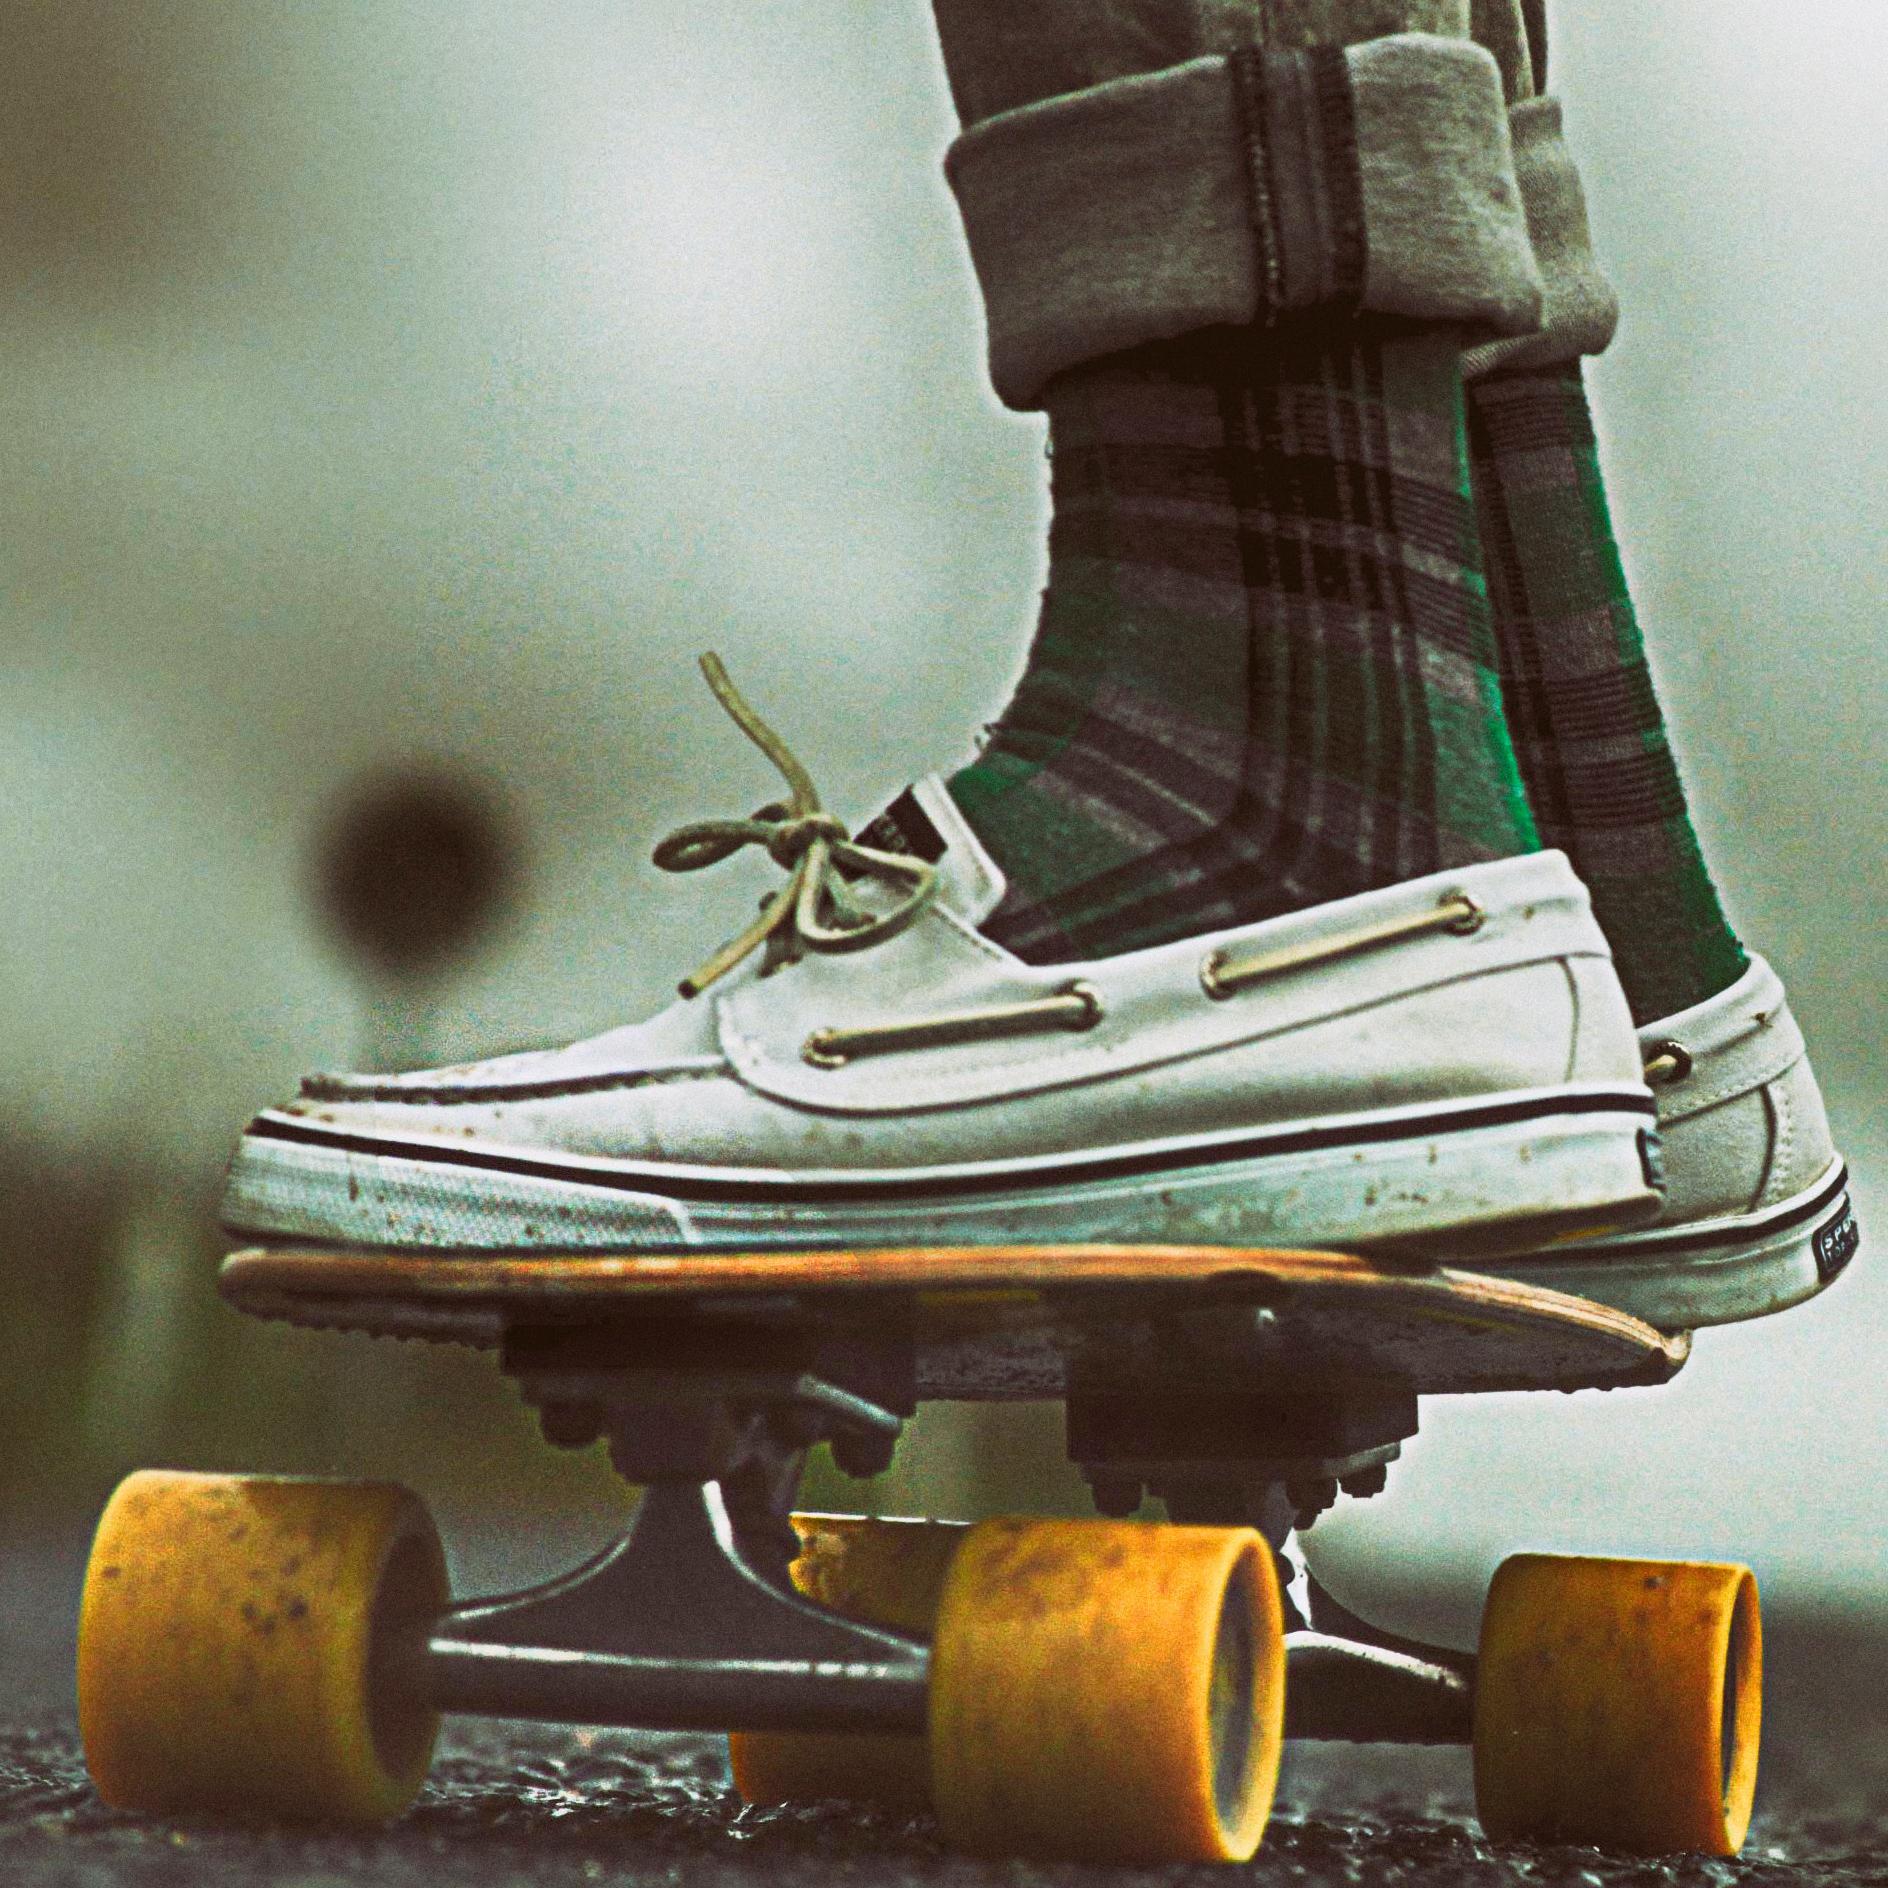 sotb_galeria_vii-socks-on-the-beat